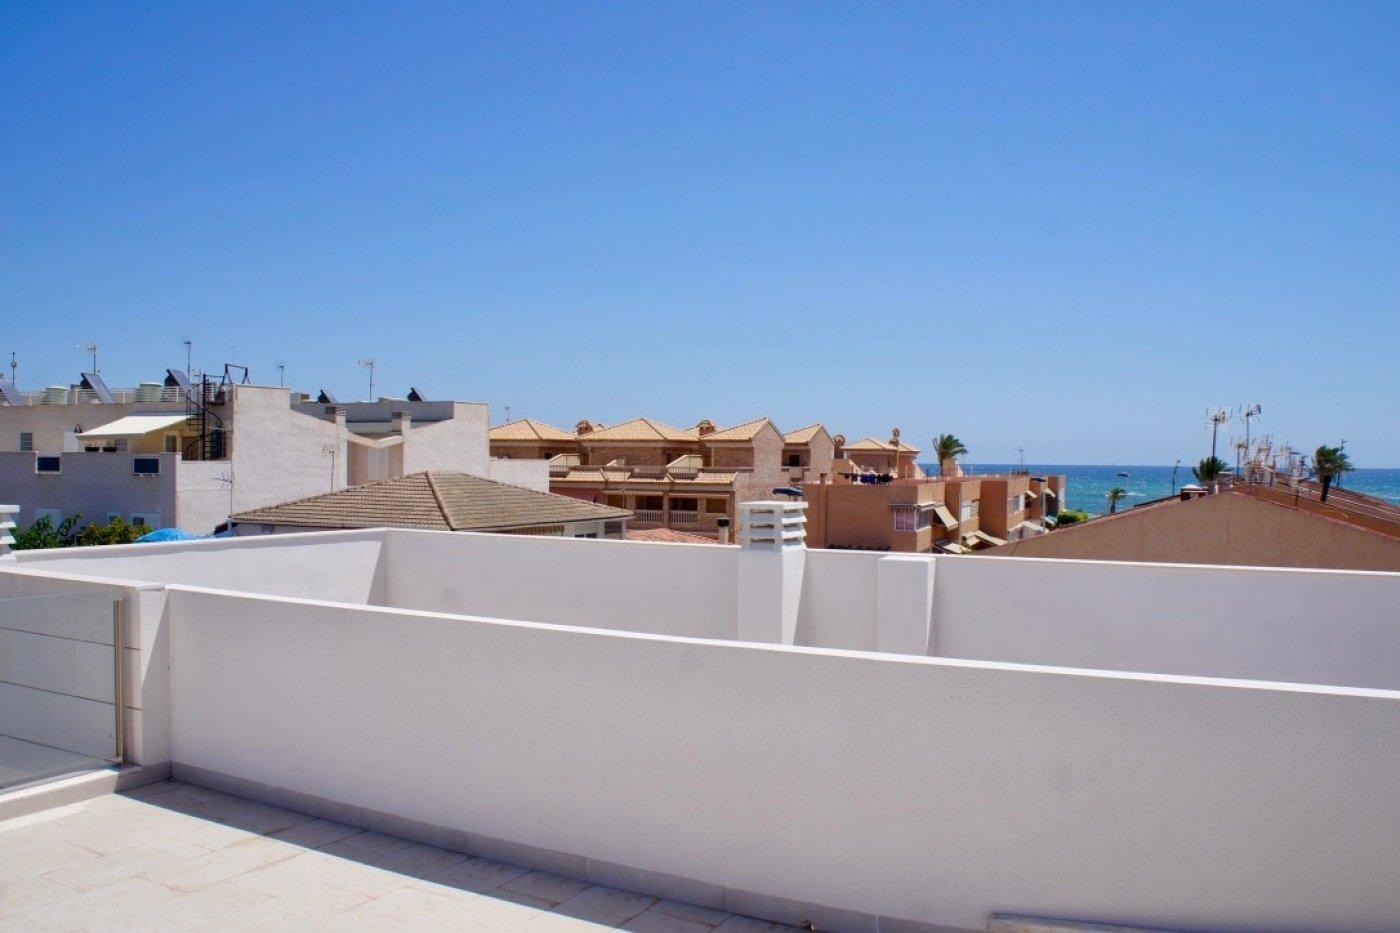 Gallery Image 24 of Nuevo apartamento listo en la planta superior de 2 dormitorios a solo 2 minutos a pie de las playas,